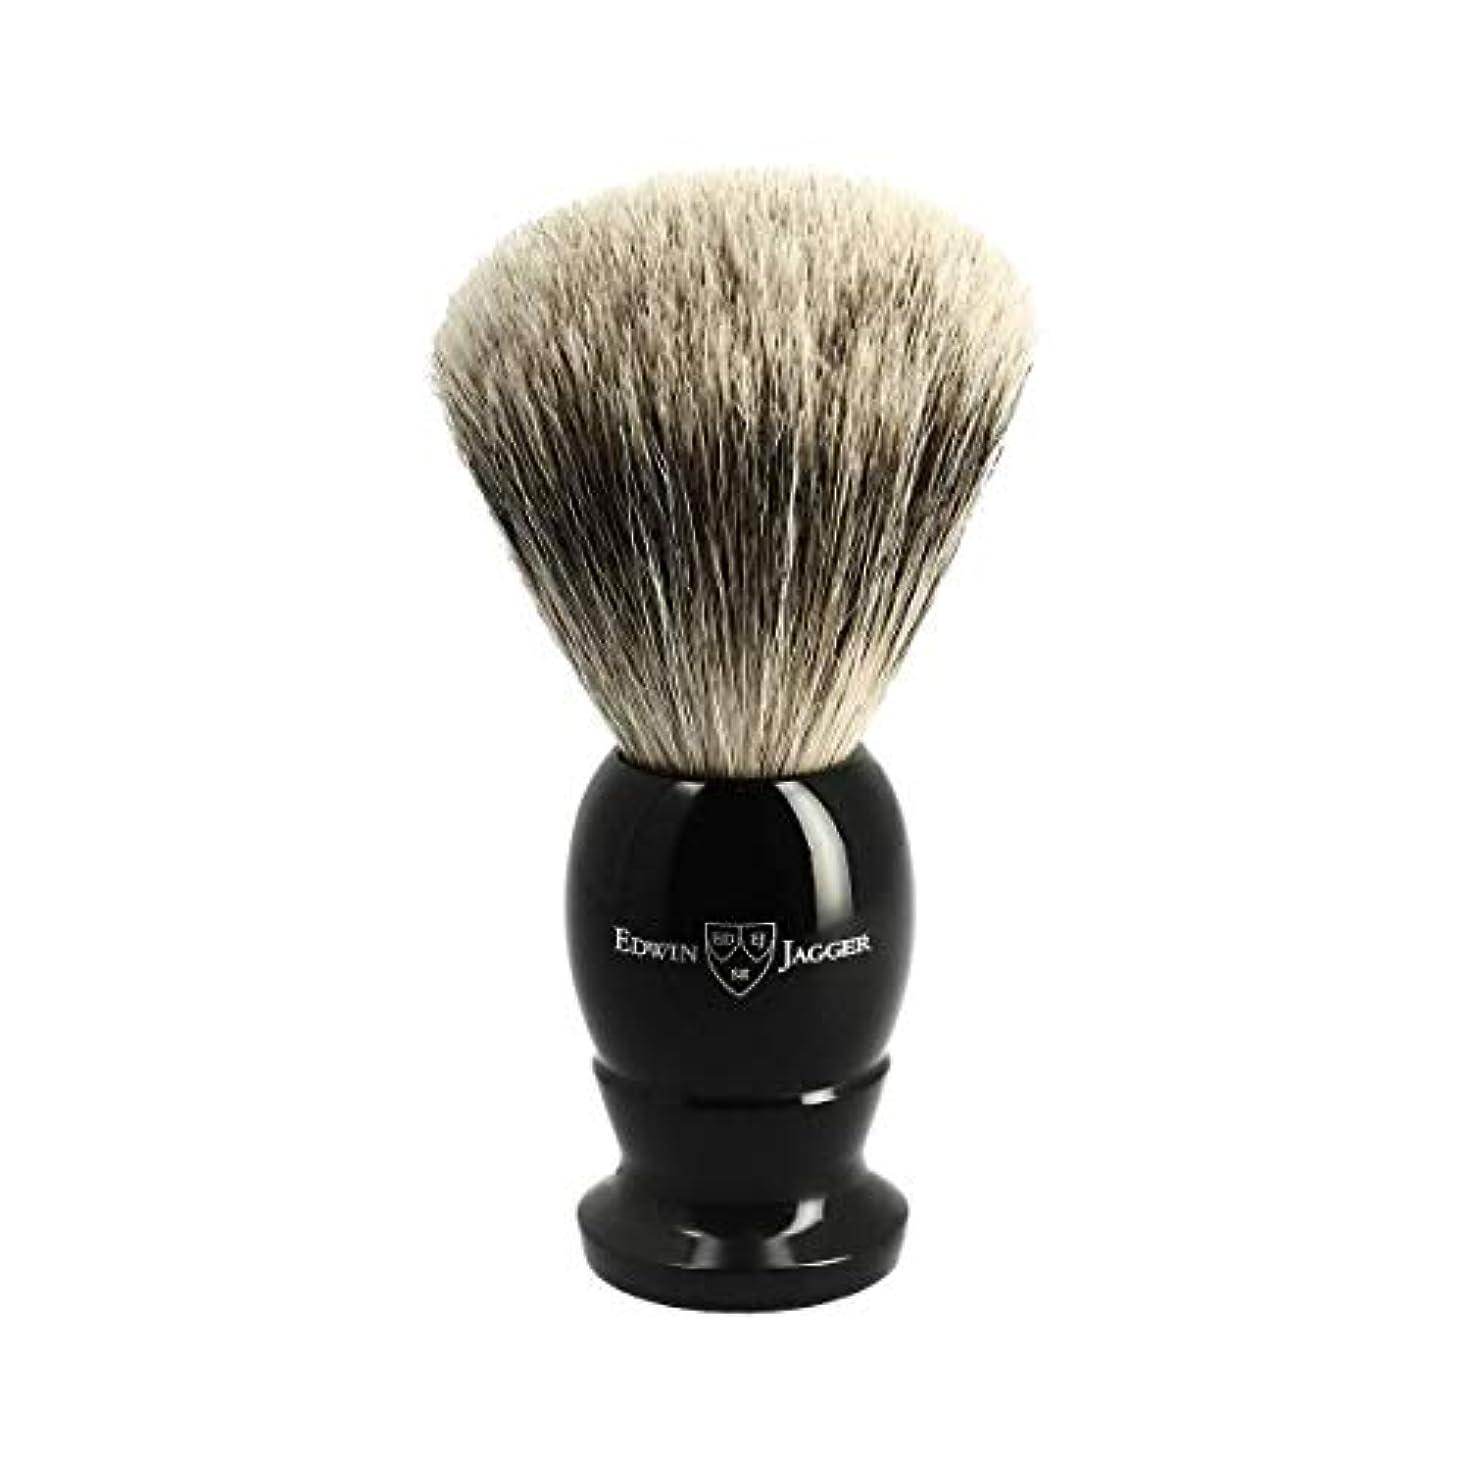 決めます無駄な卑しいエドウィンジャガー ベストバッジャーアナグマ毛 エボニーシェービングブラシ大3EJ876[海外直送品]Edwin Jagger Best Badger Ebony Shaving Brush Large 3EJ876 [...